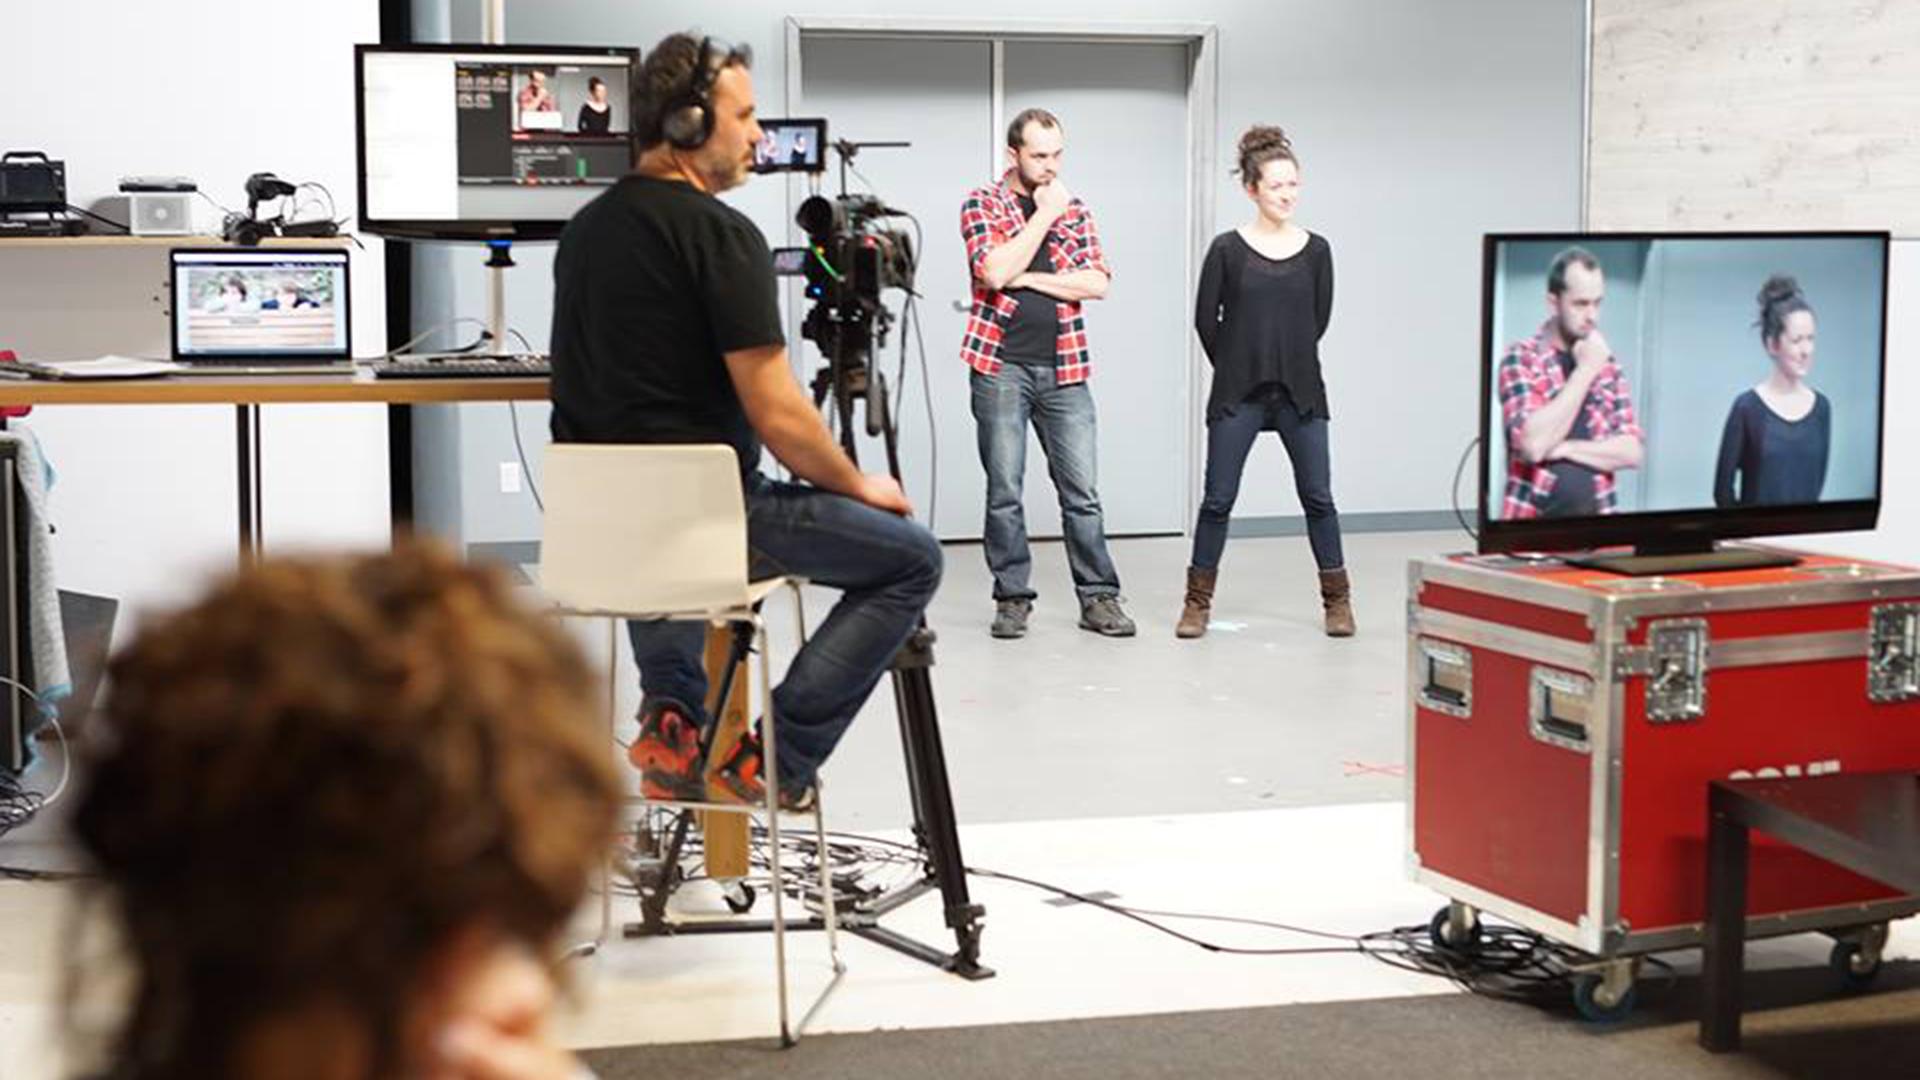 Préparation des acteurs à une audition de fiction